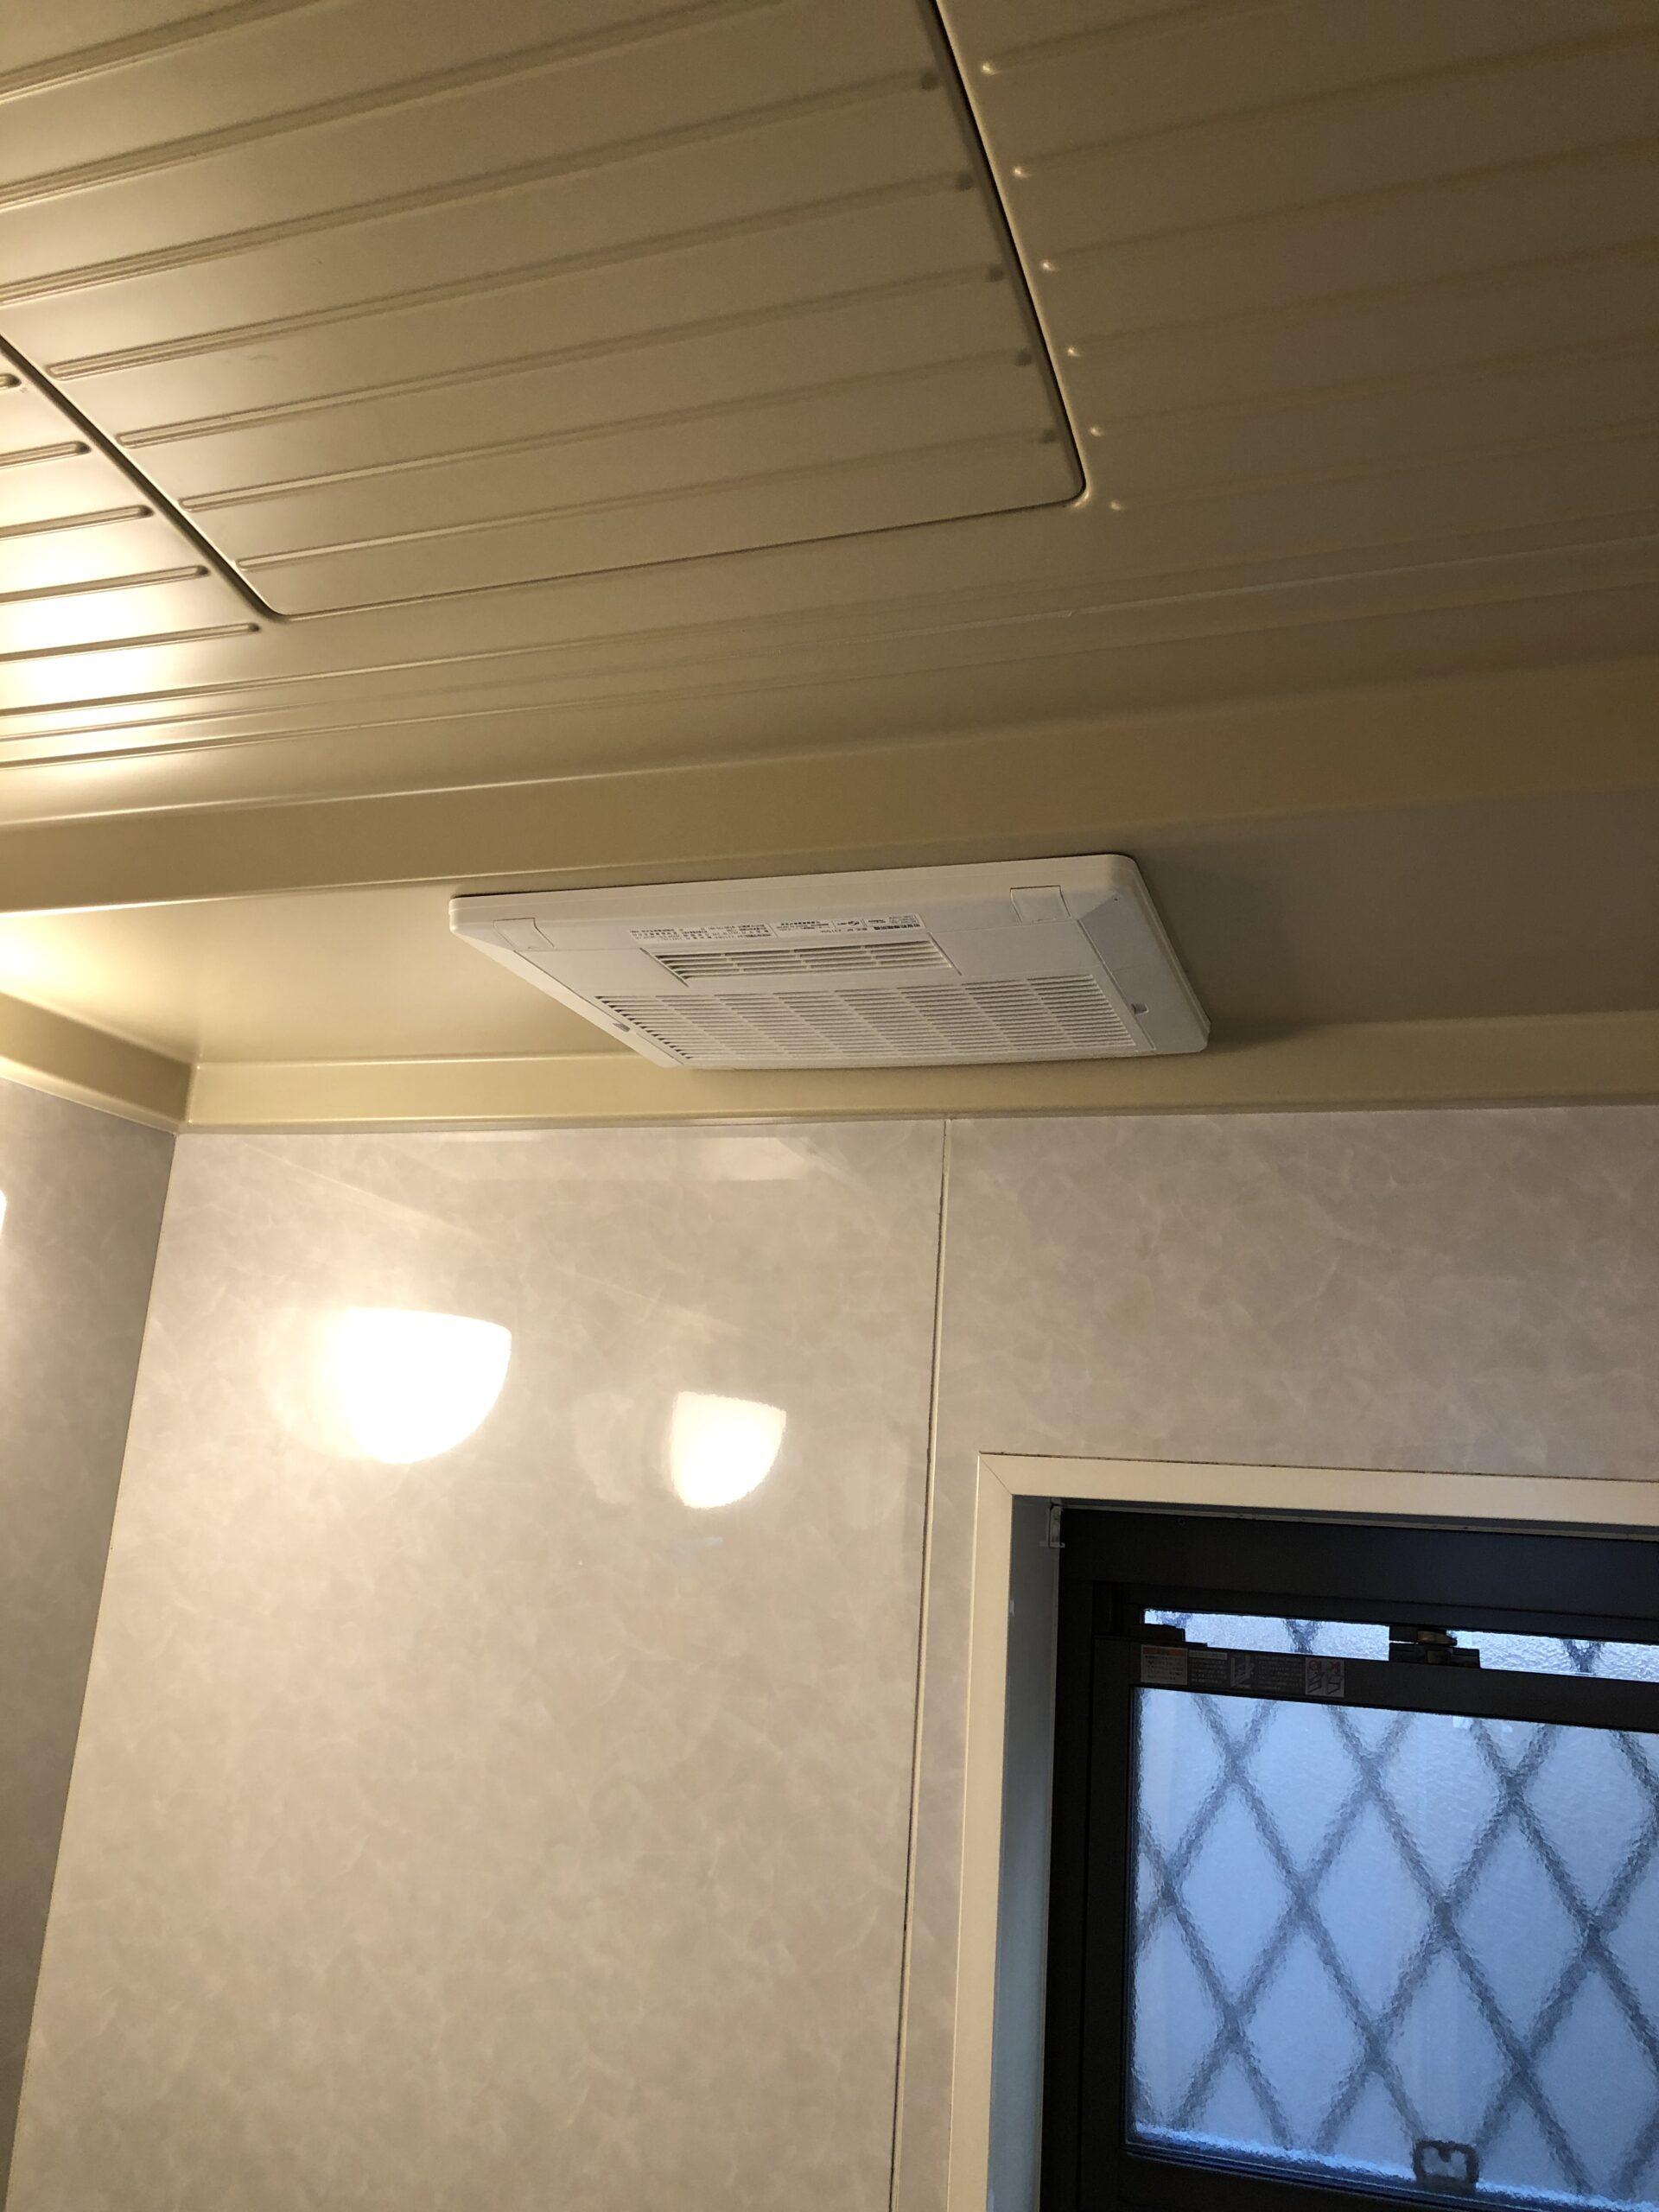 浴室換気乾燥暖房機交換後の写真